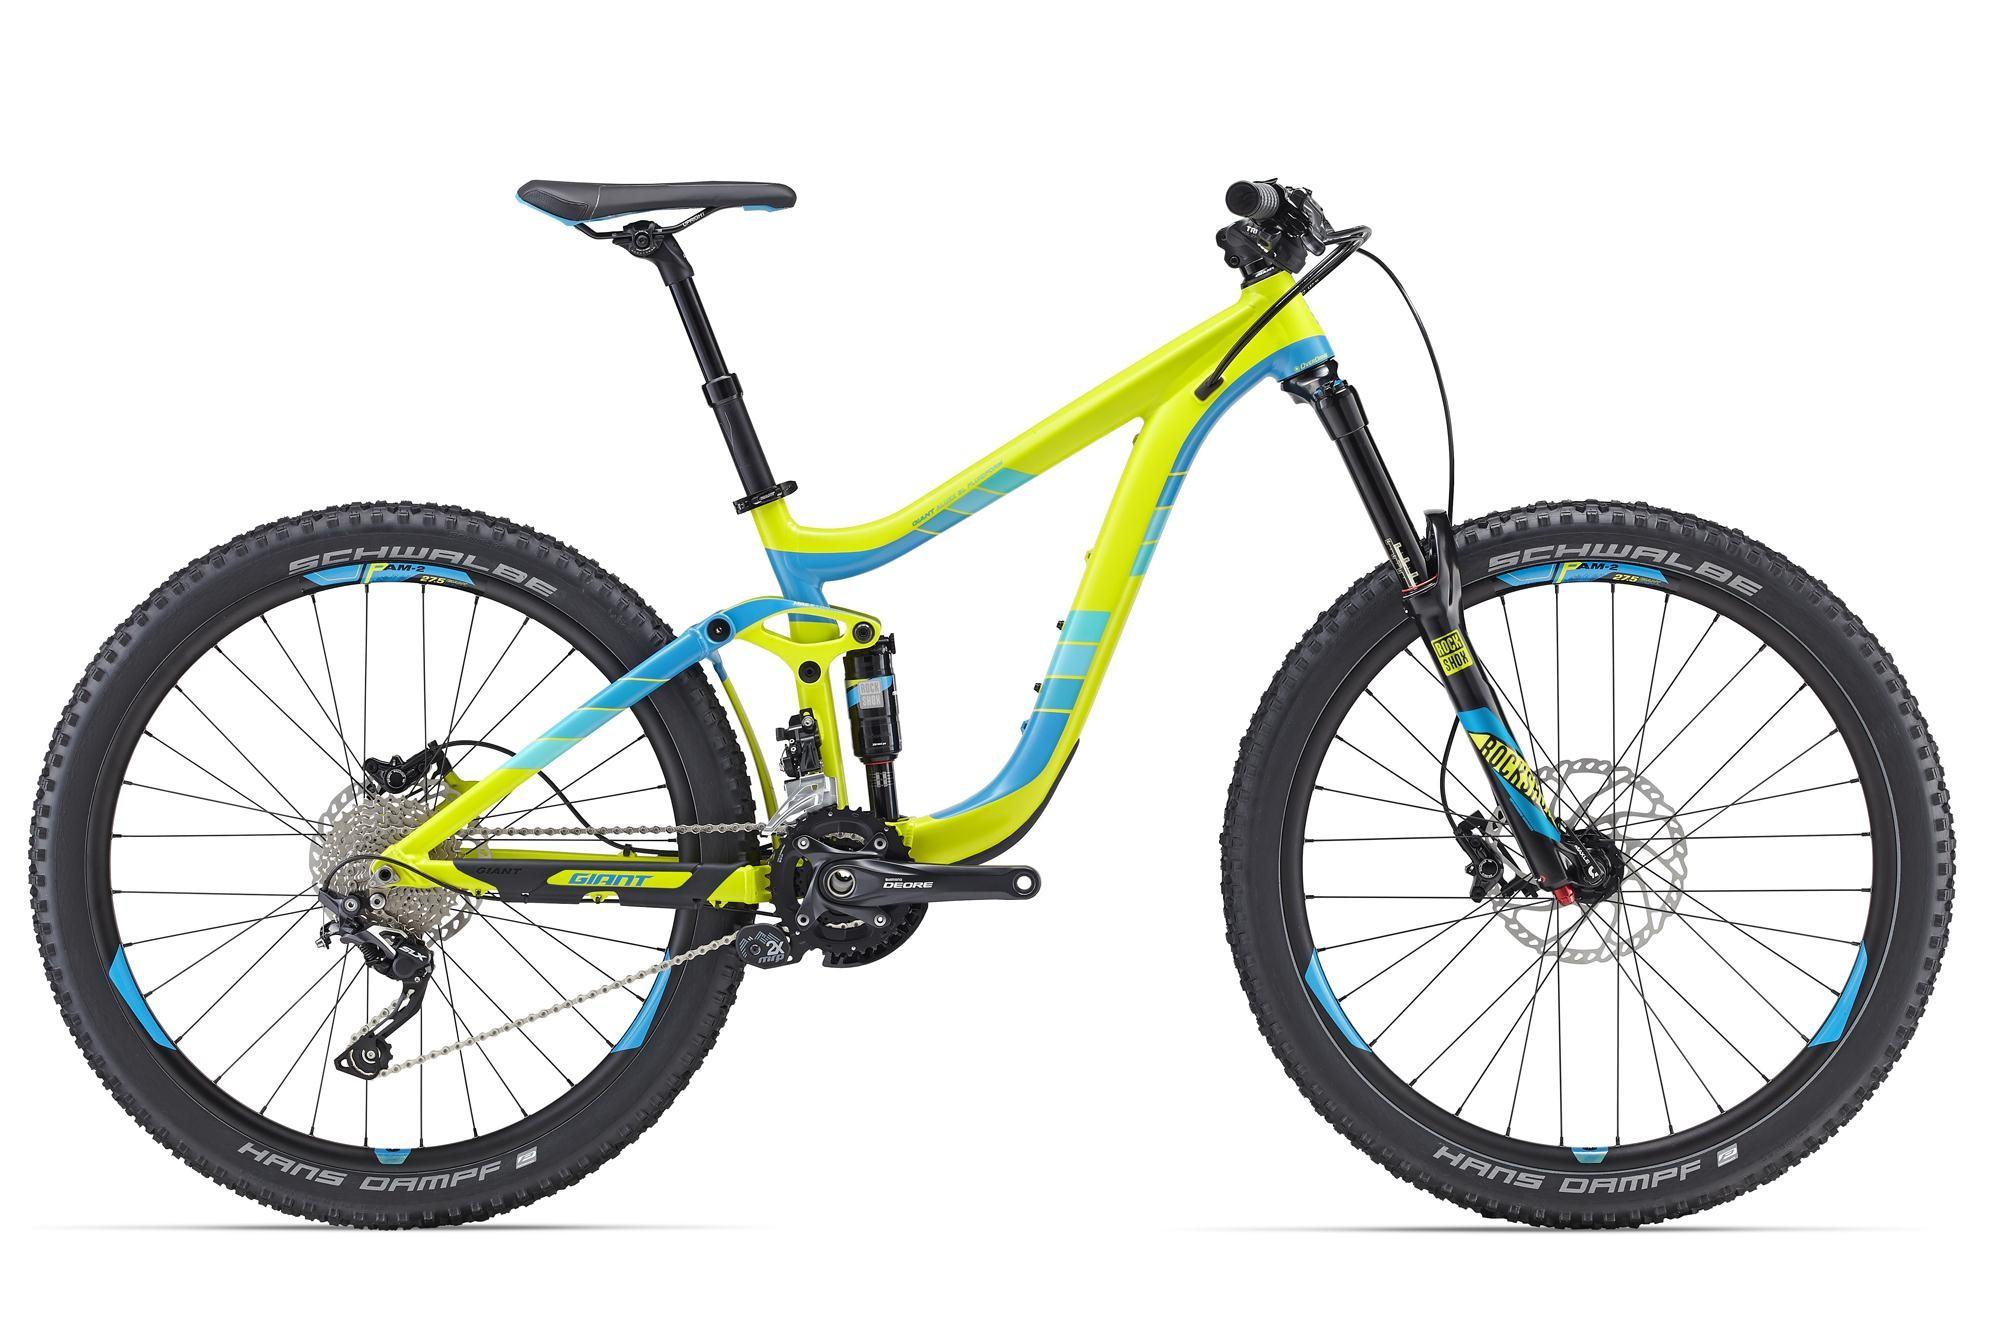 Купить Велосипед Giant Reign 27.5 2 2016 YELLOW/BLUE / Желтый Синий, Двухподвесы, 1262303